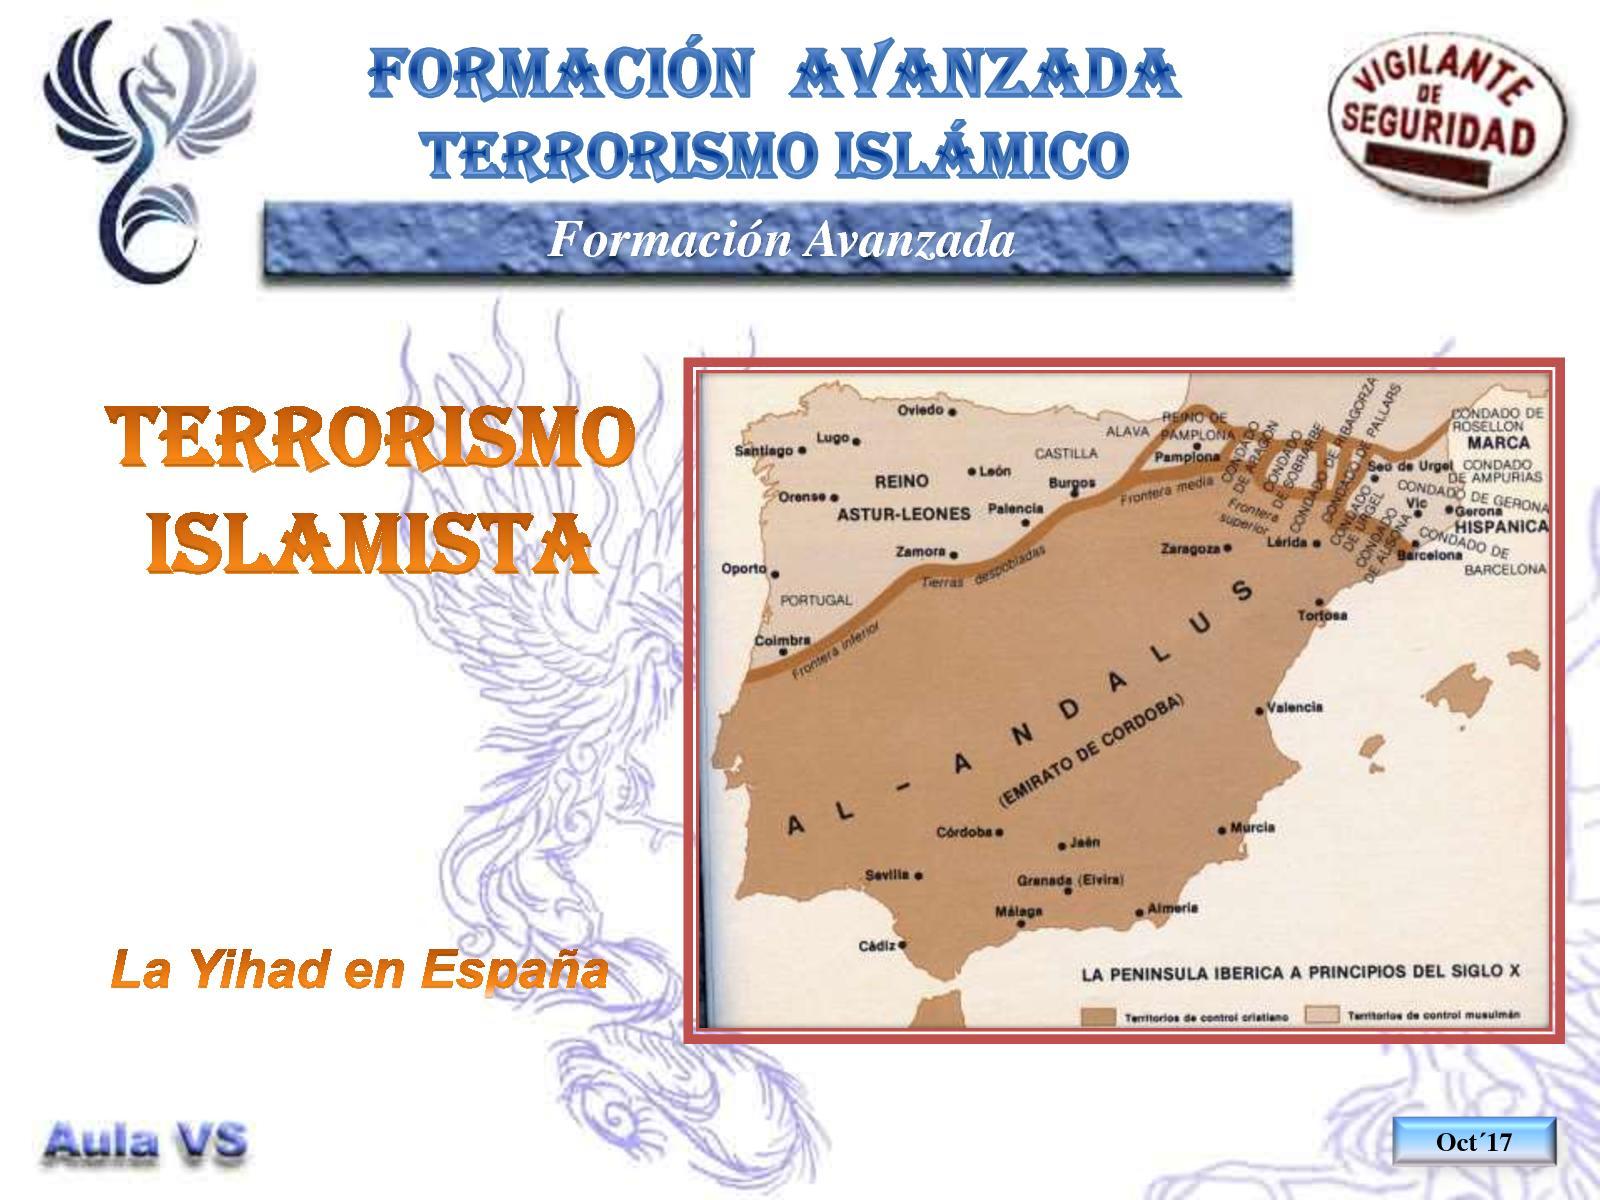 TI60 - La Yihad En España